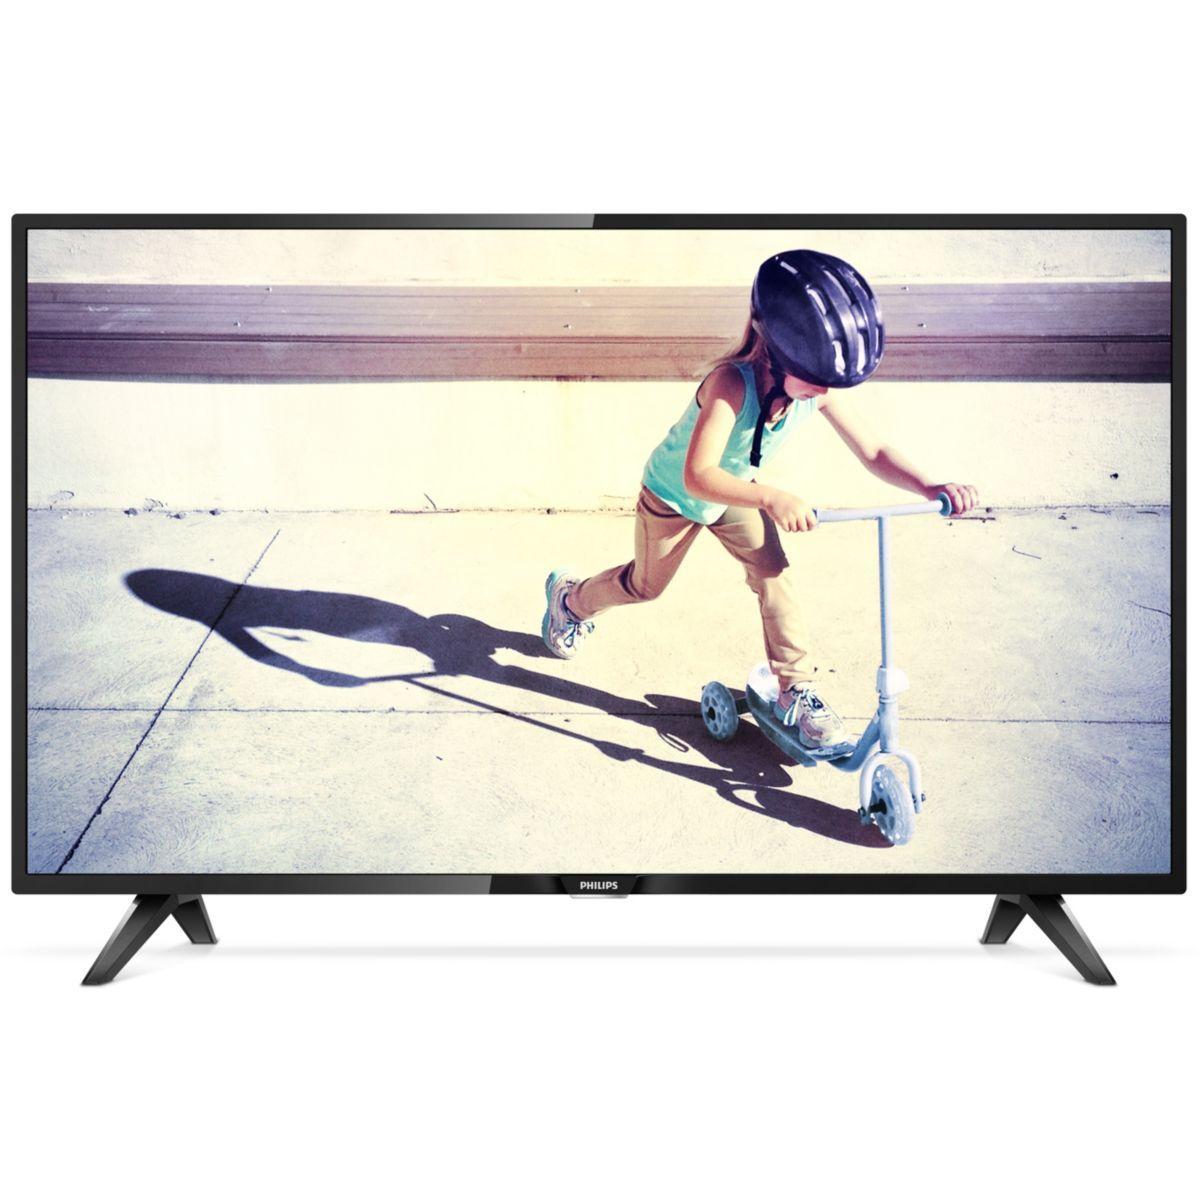 Tv philips 43pfs4112 - 7% de remise immédiate avec le code : cool7 (photo)